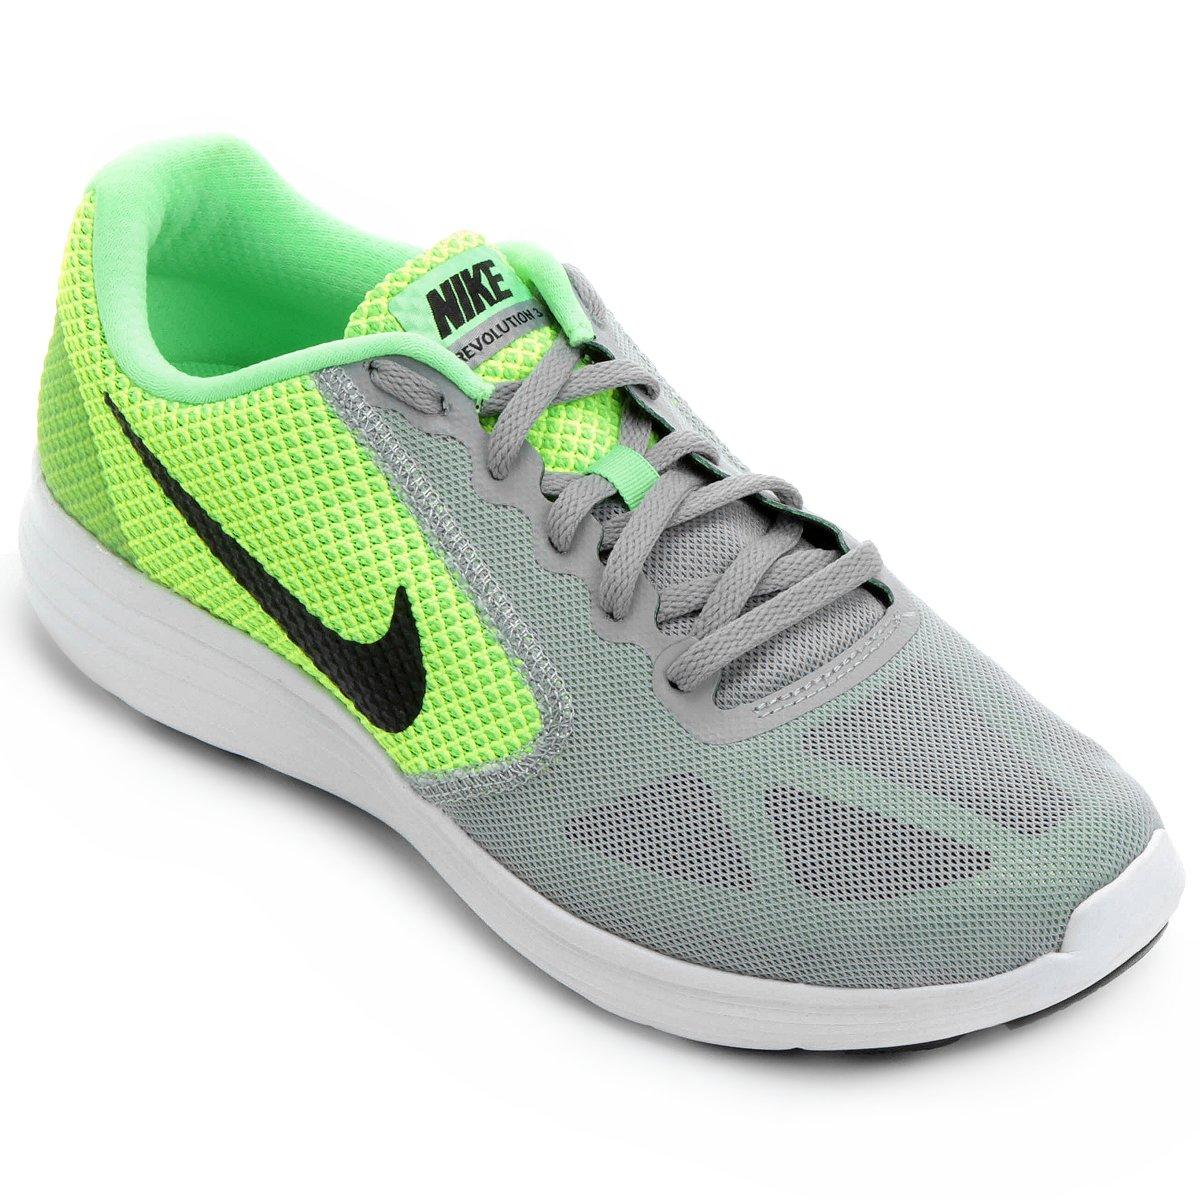 e4965819954 Tênis Nike Revolution 3 Masculino - Verde Limão e Cinza - Compre Agora